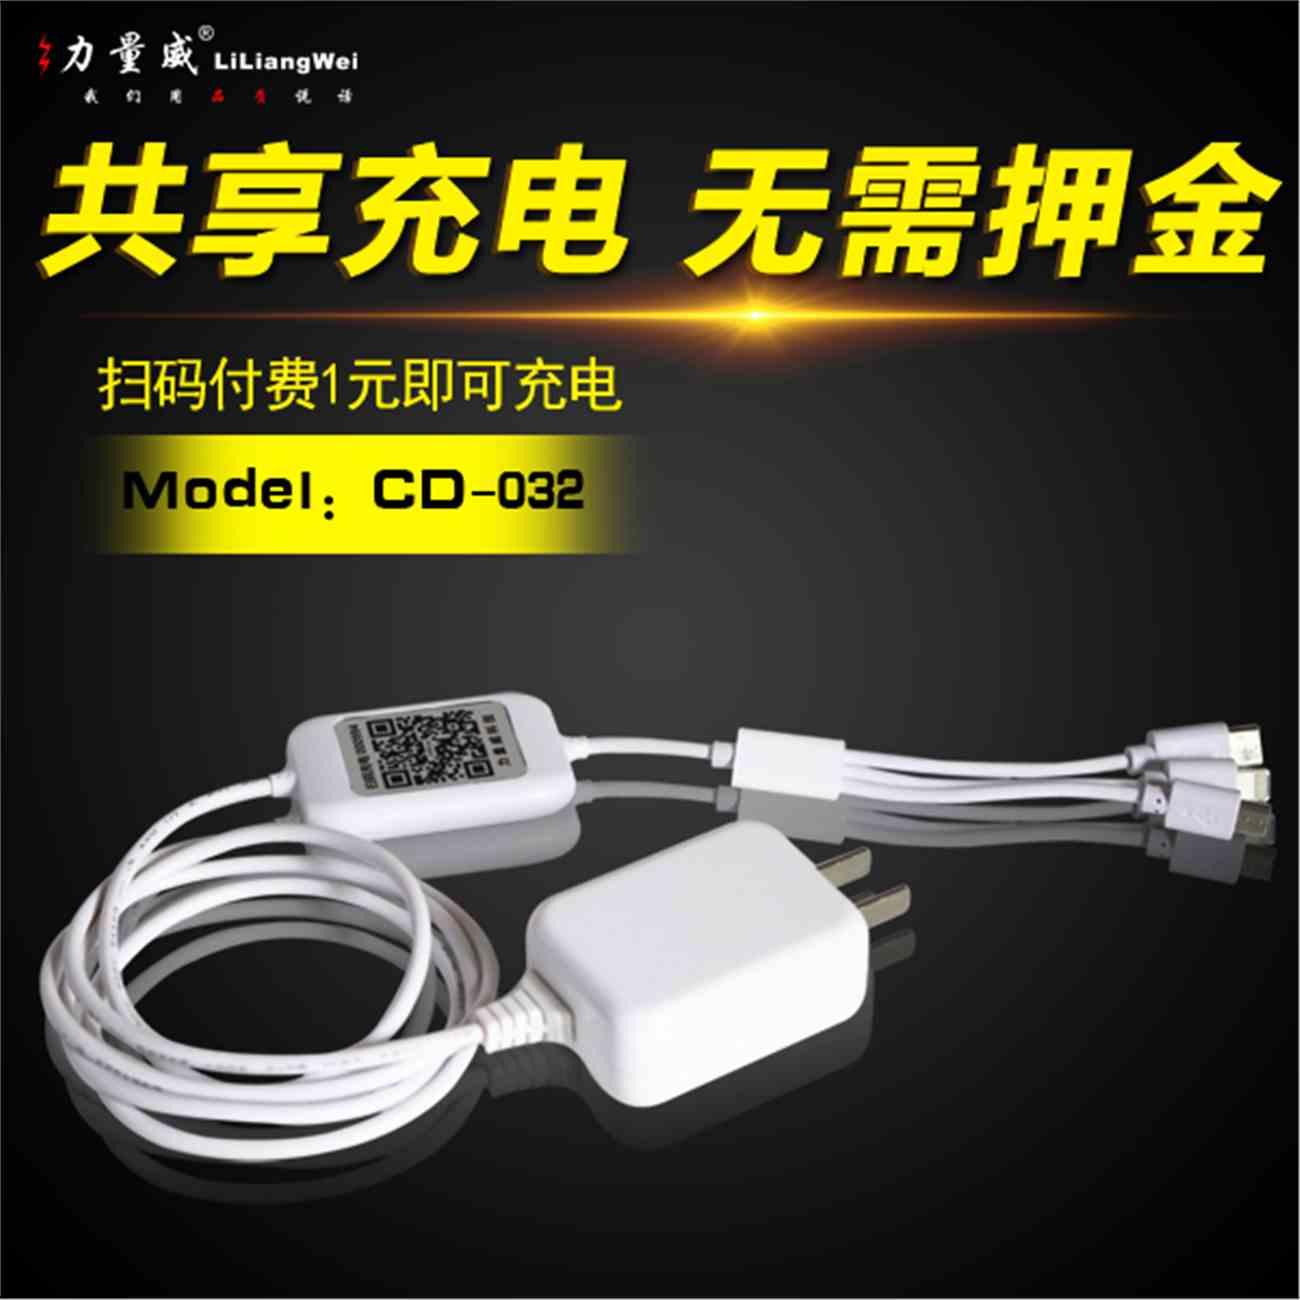 共享移动充电线CD-032